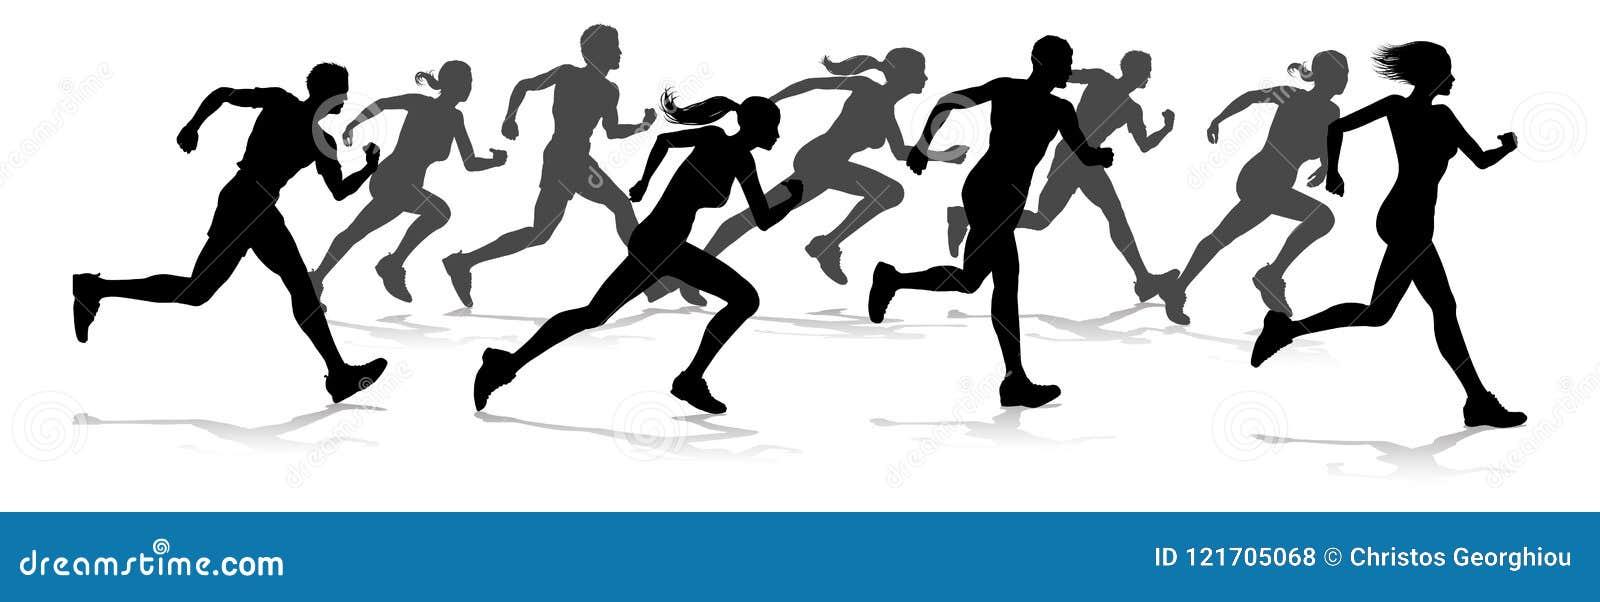 Biegacze Ścigają się zawody atletyczni sylwetki